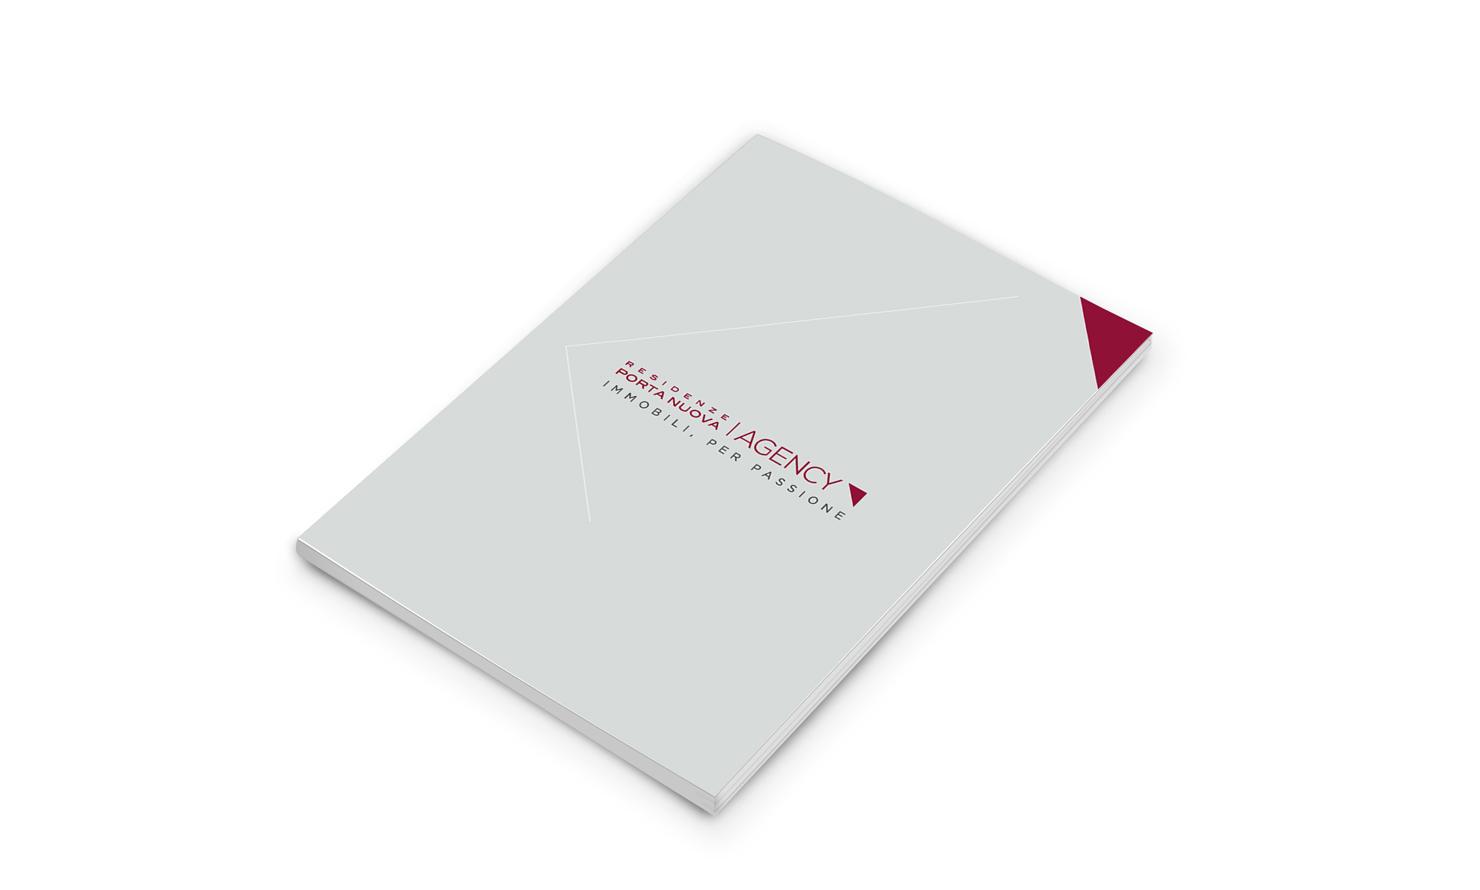 https://www.kubelibre.com/uploads/Slider-work-tutti-clienti/residenze-porta-nuova-agency-il-nostro-nome-dice-molto-di-noi-2.jpg